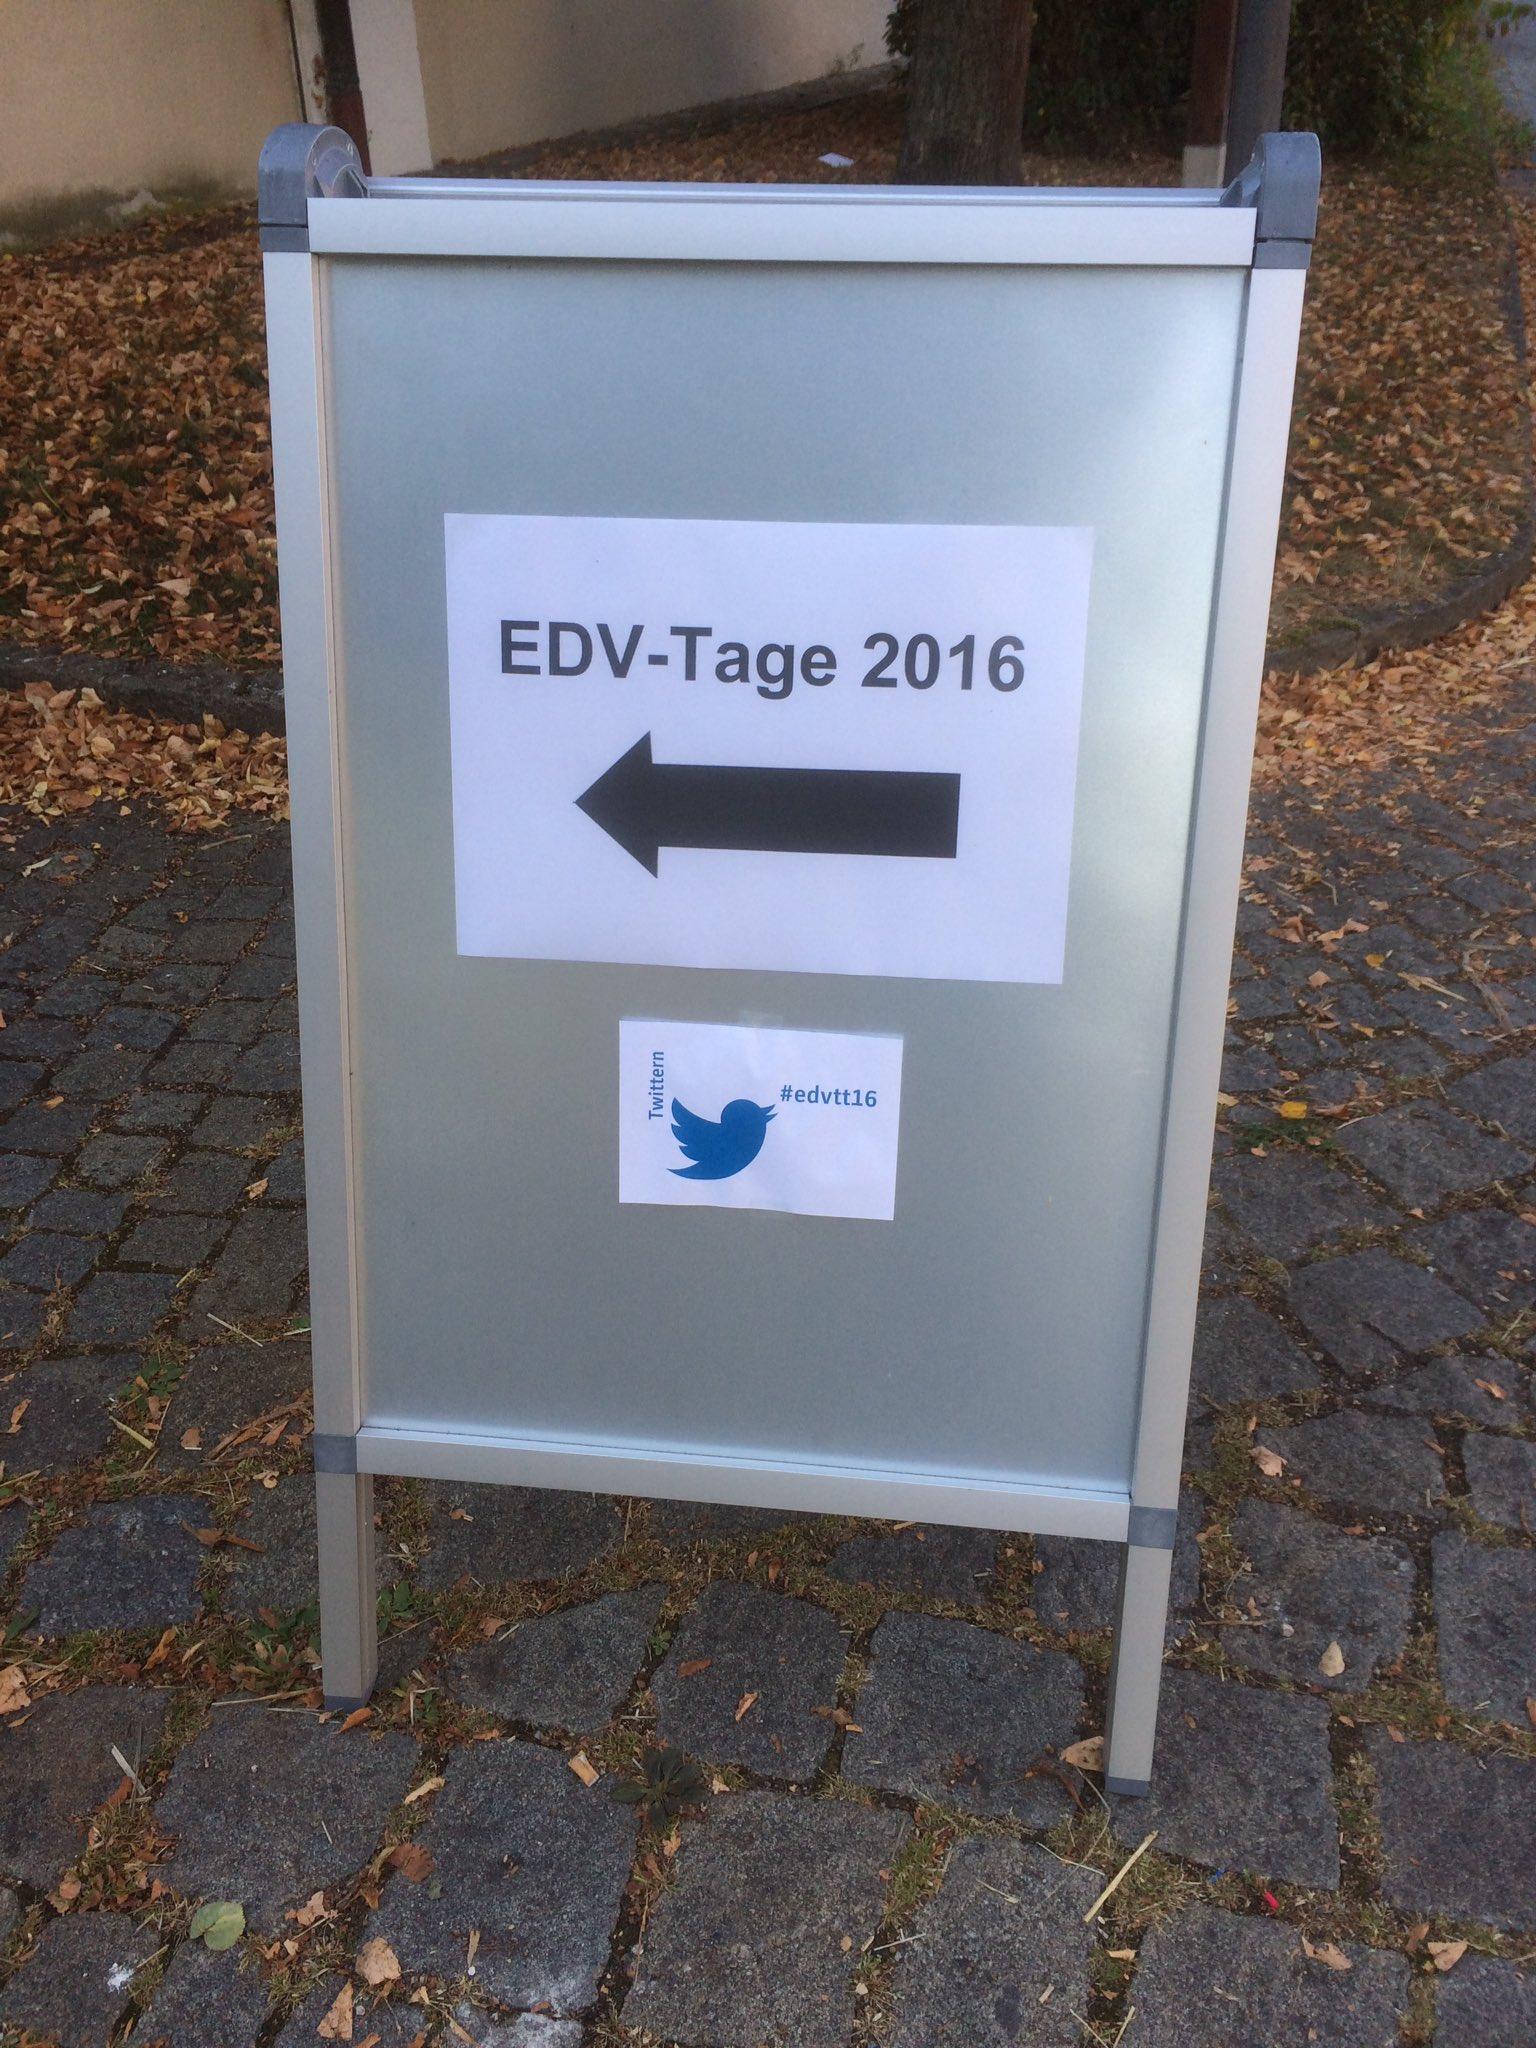 Eine ordentliche Tagung hat auch einen ordentlich kommunizierten Hashtag #edvtt16 https://t.co/lPxfRBeqJU